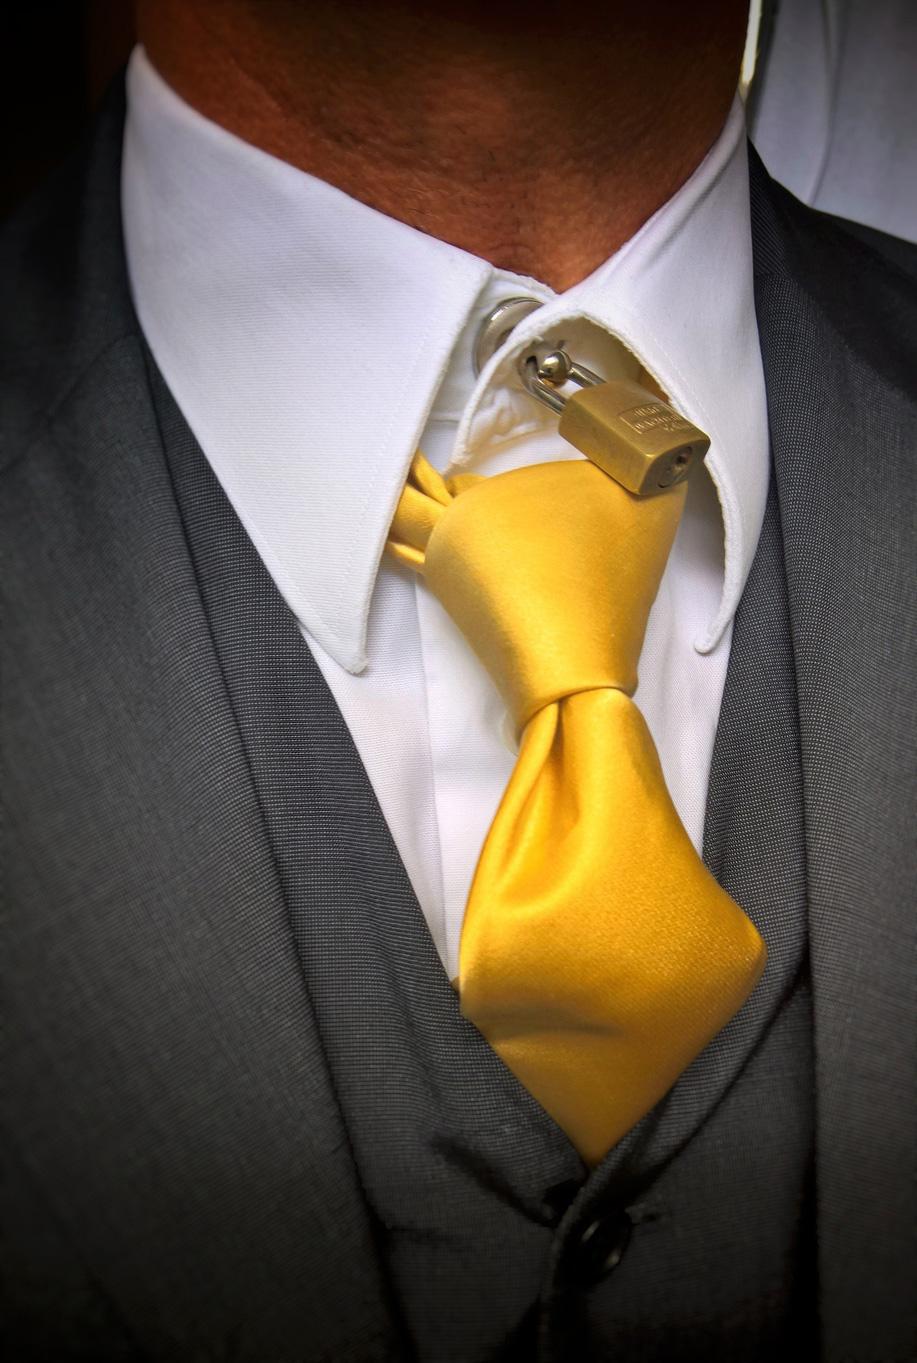 padlocked dress shirt collar and tie